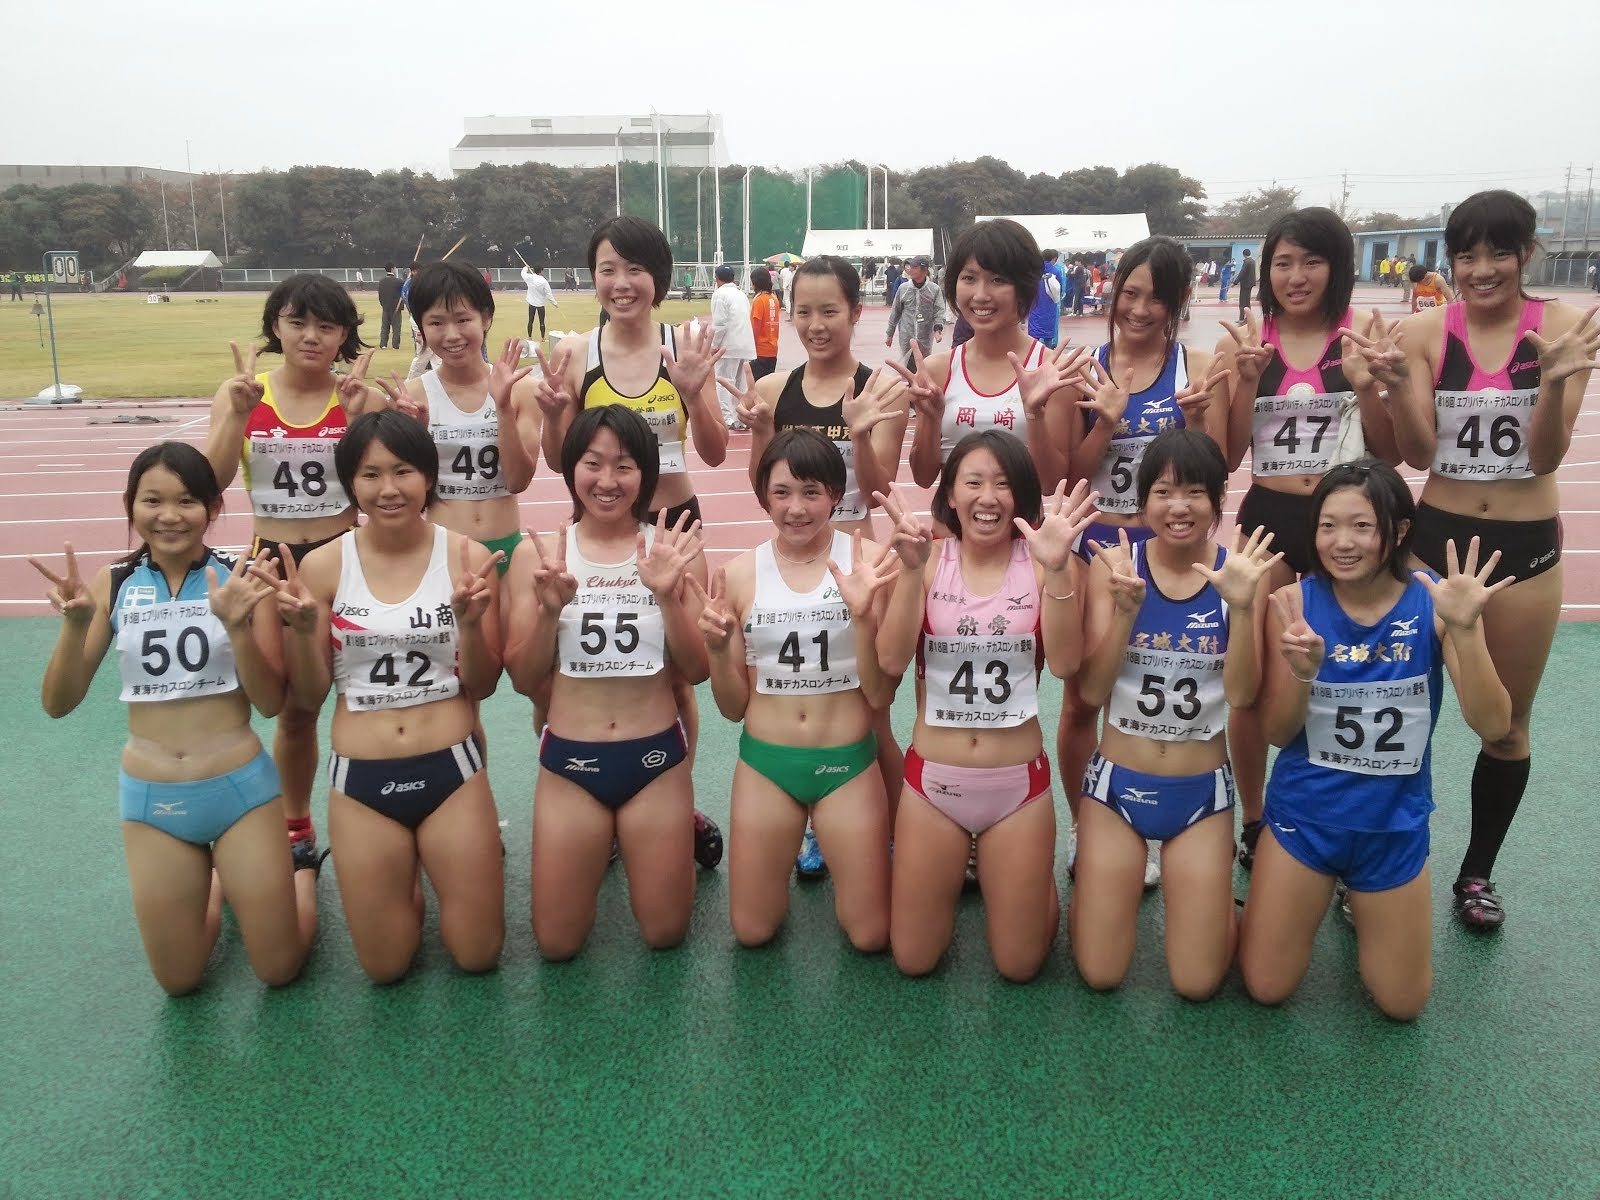 女子陸上 記念撮影 三郷市教育委員会